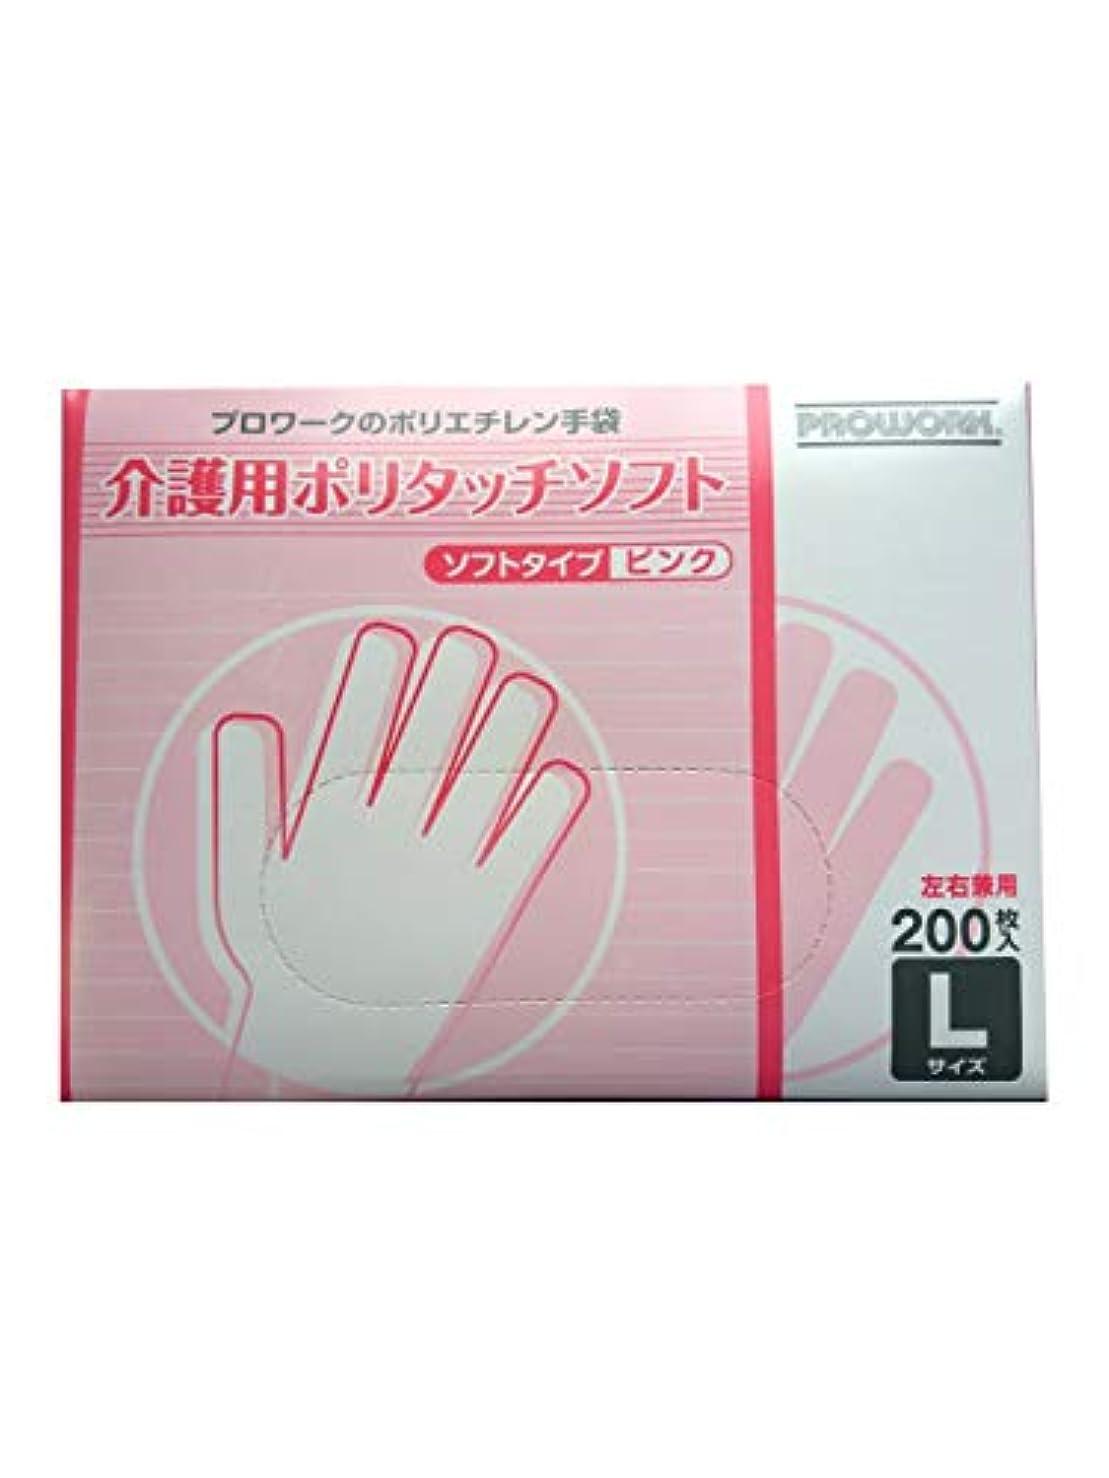 真空ワームブレンド介護用ポリタッチソフト手袋 ピンク Lサイズ 左右兼用200枚入